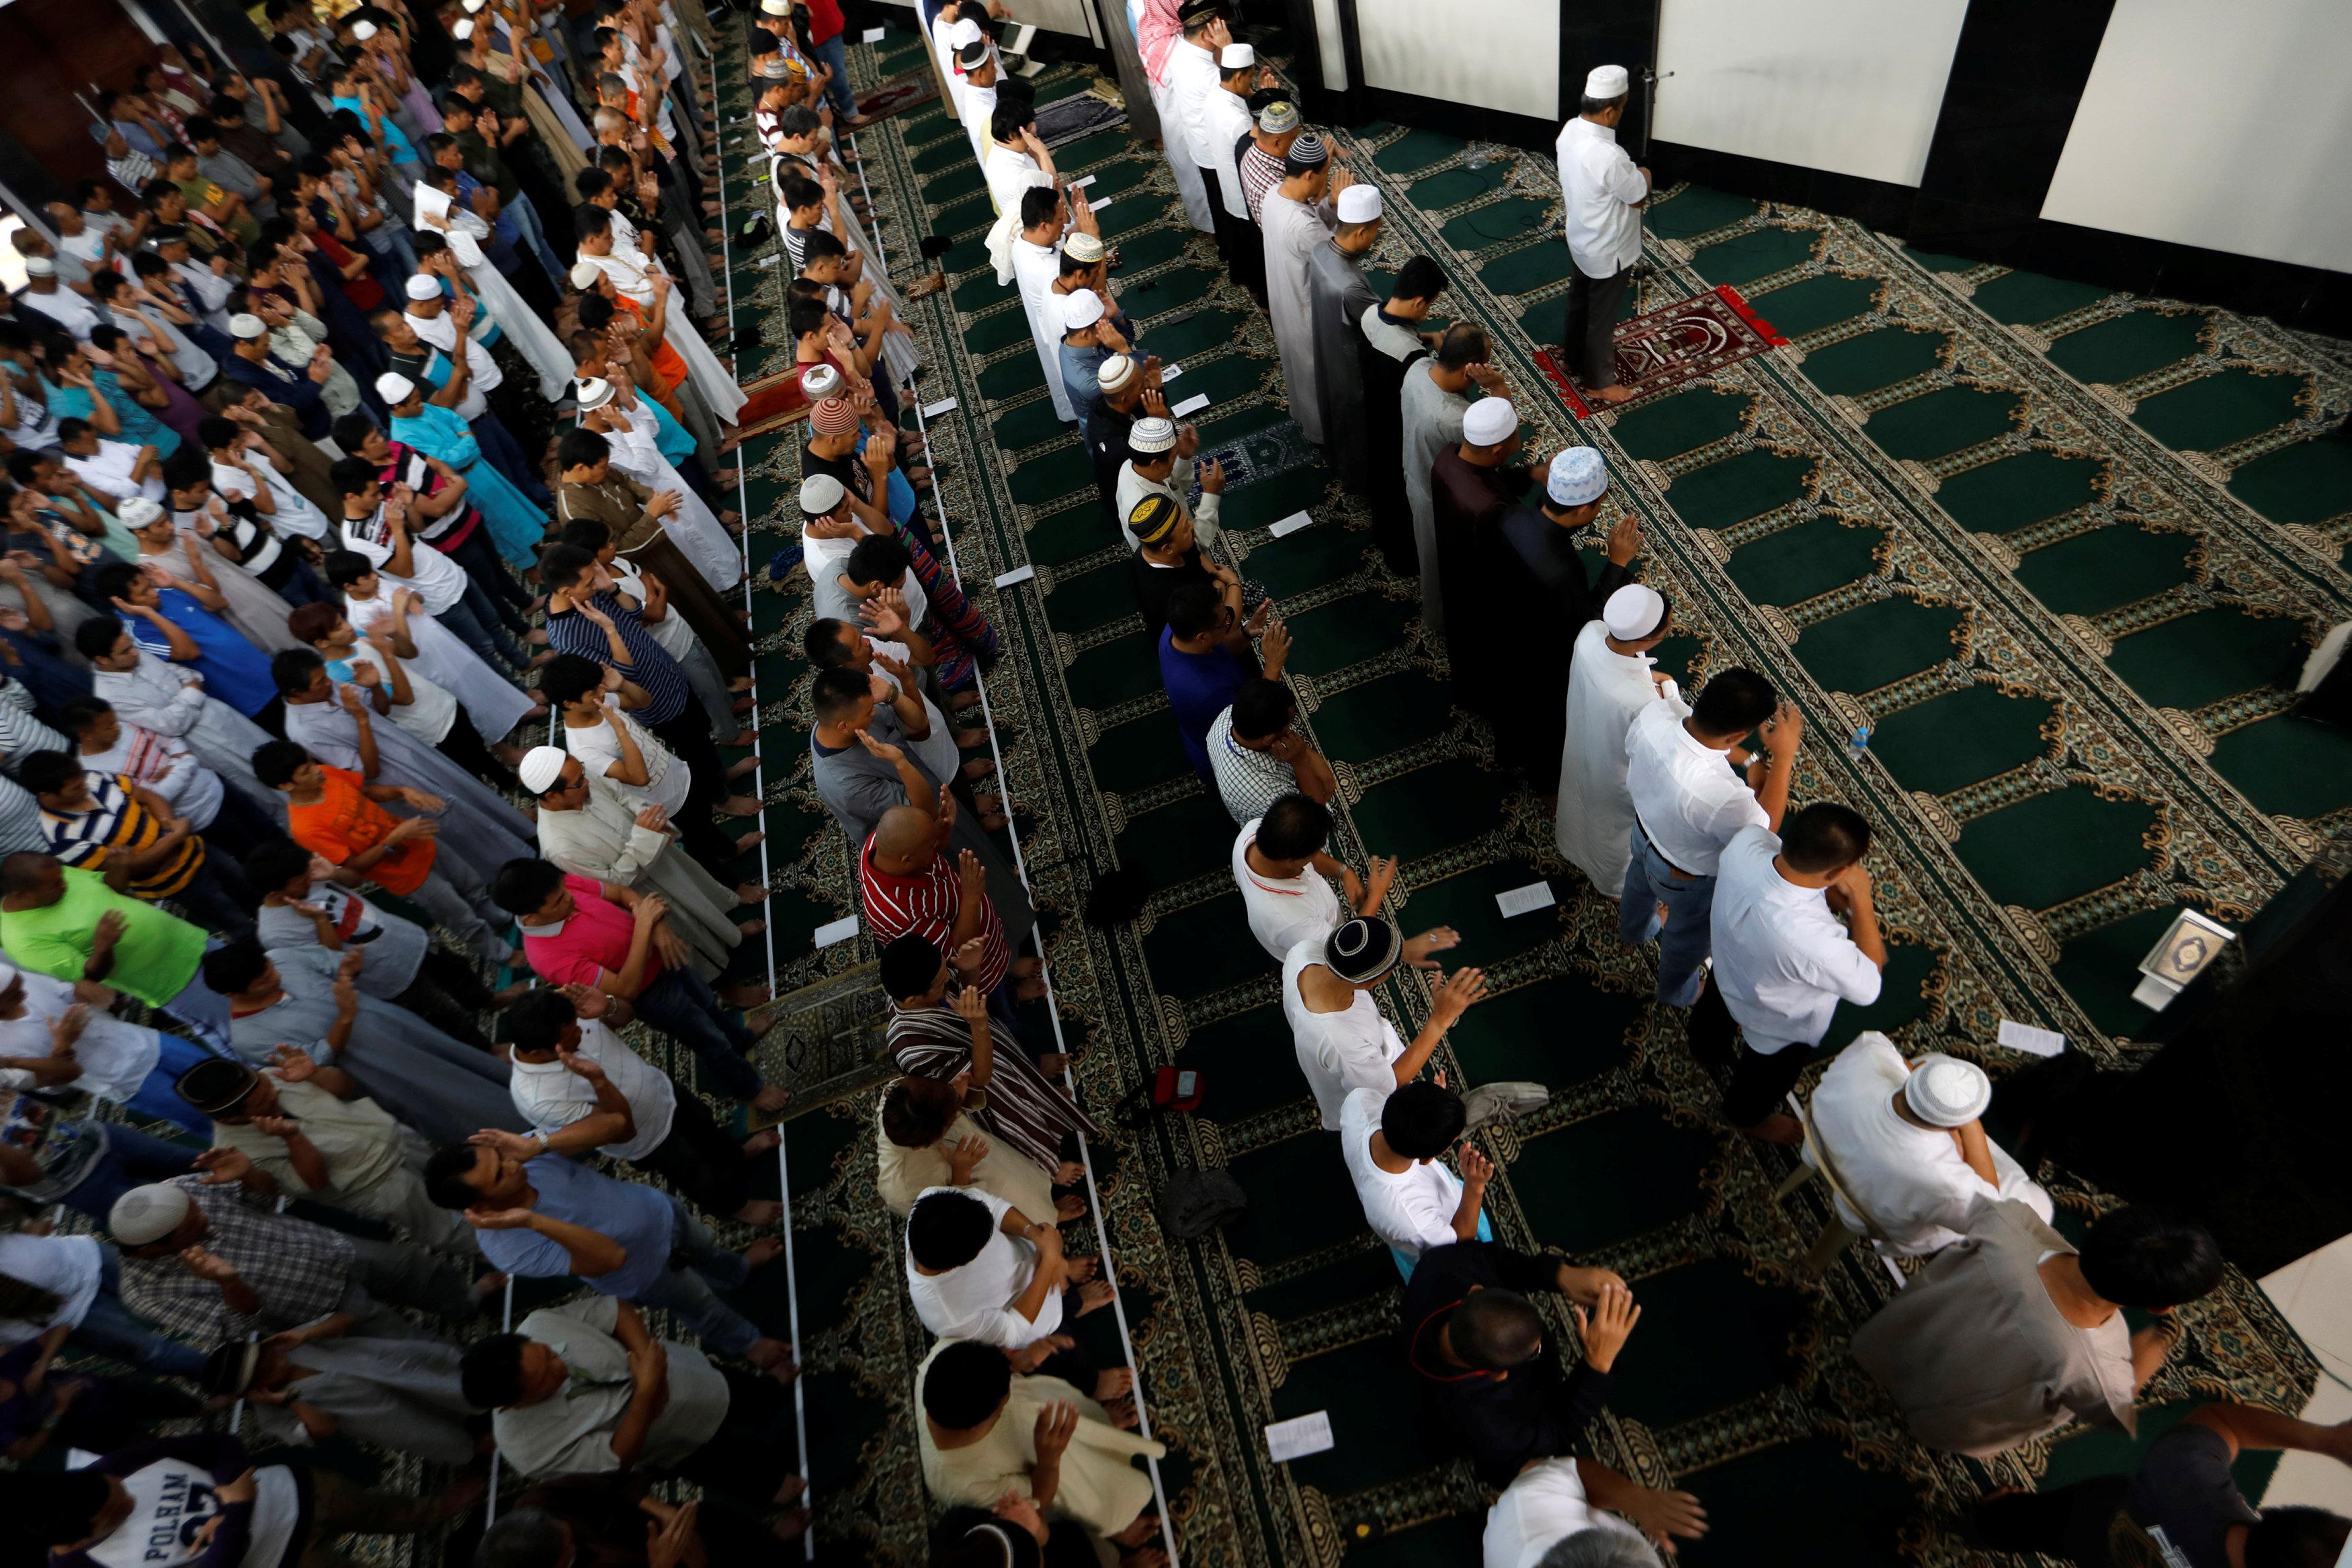 مسلمو الفلبين يصلون عيد الفطر